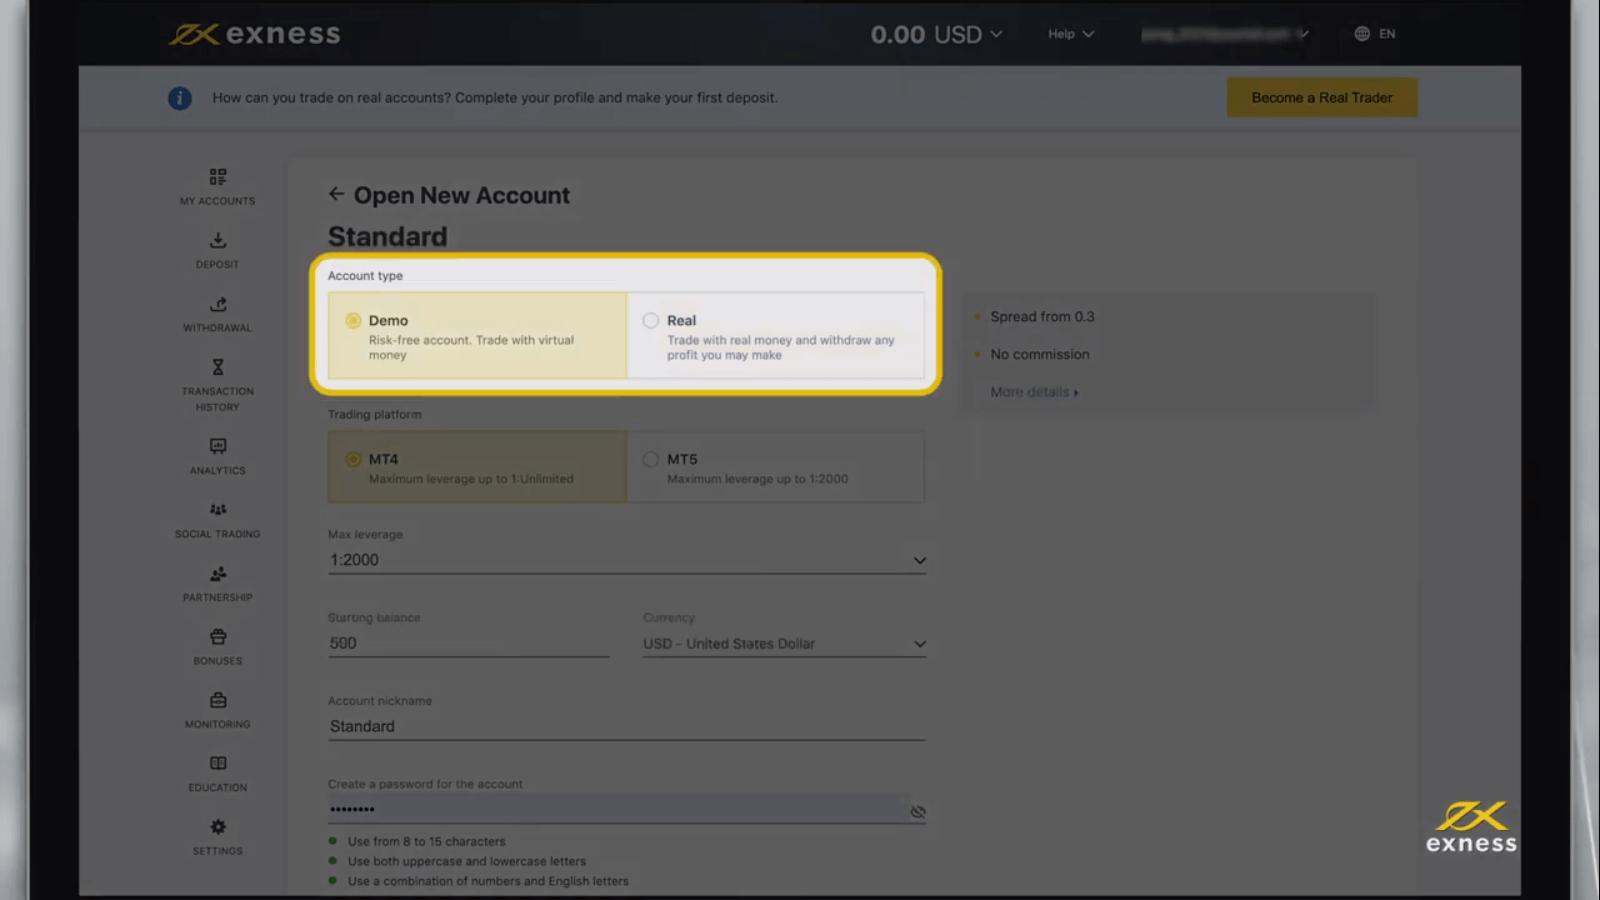 كيفية فتح حساب وسحب الأموال في Exness